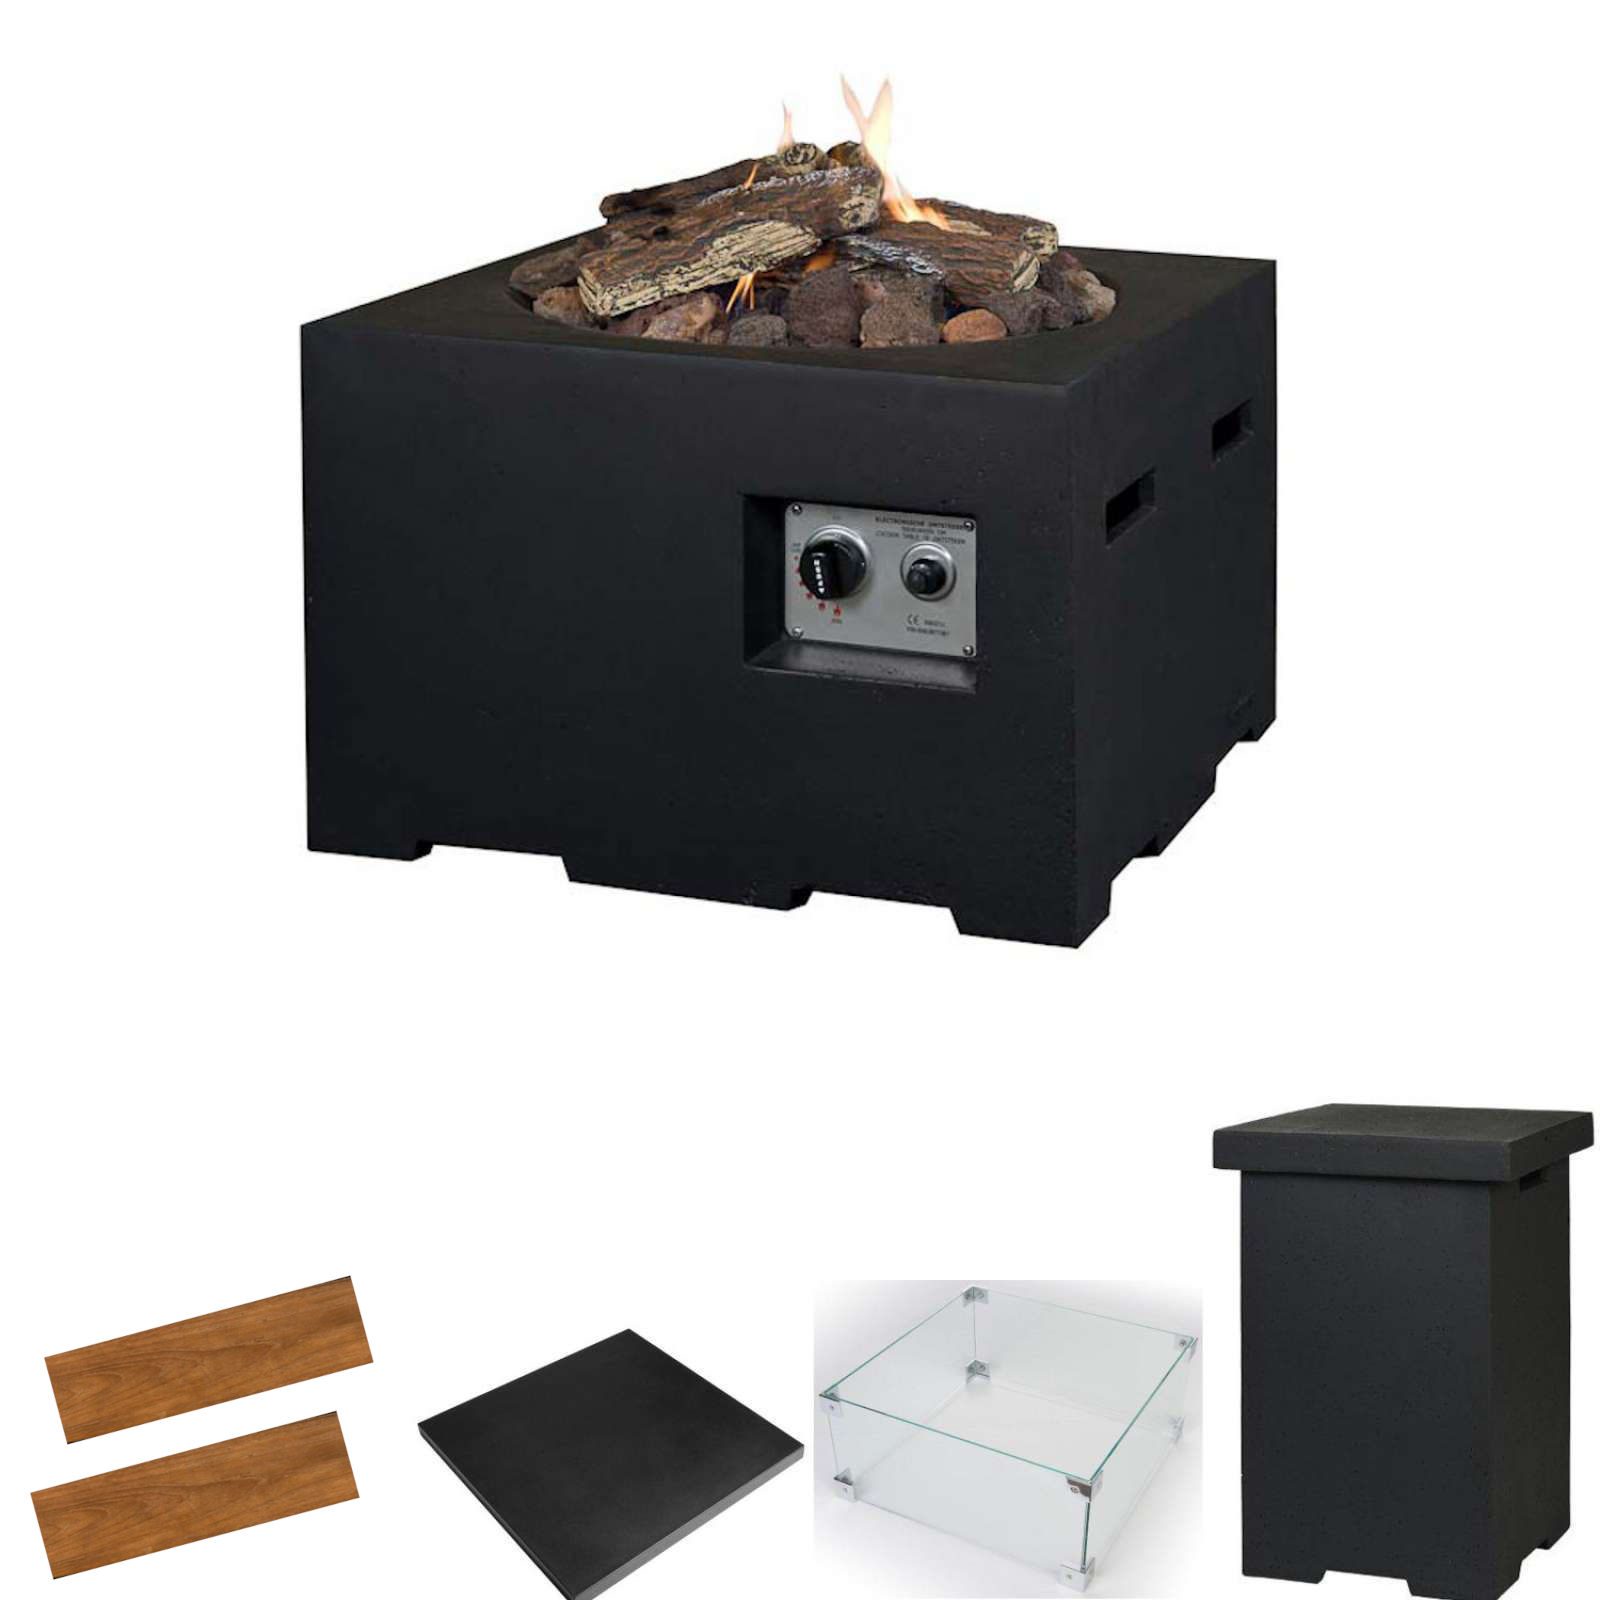 Happy Cocooning Feuertisch Gartenfeuer schwarz 60 x 60 x 40 cm HC131008A